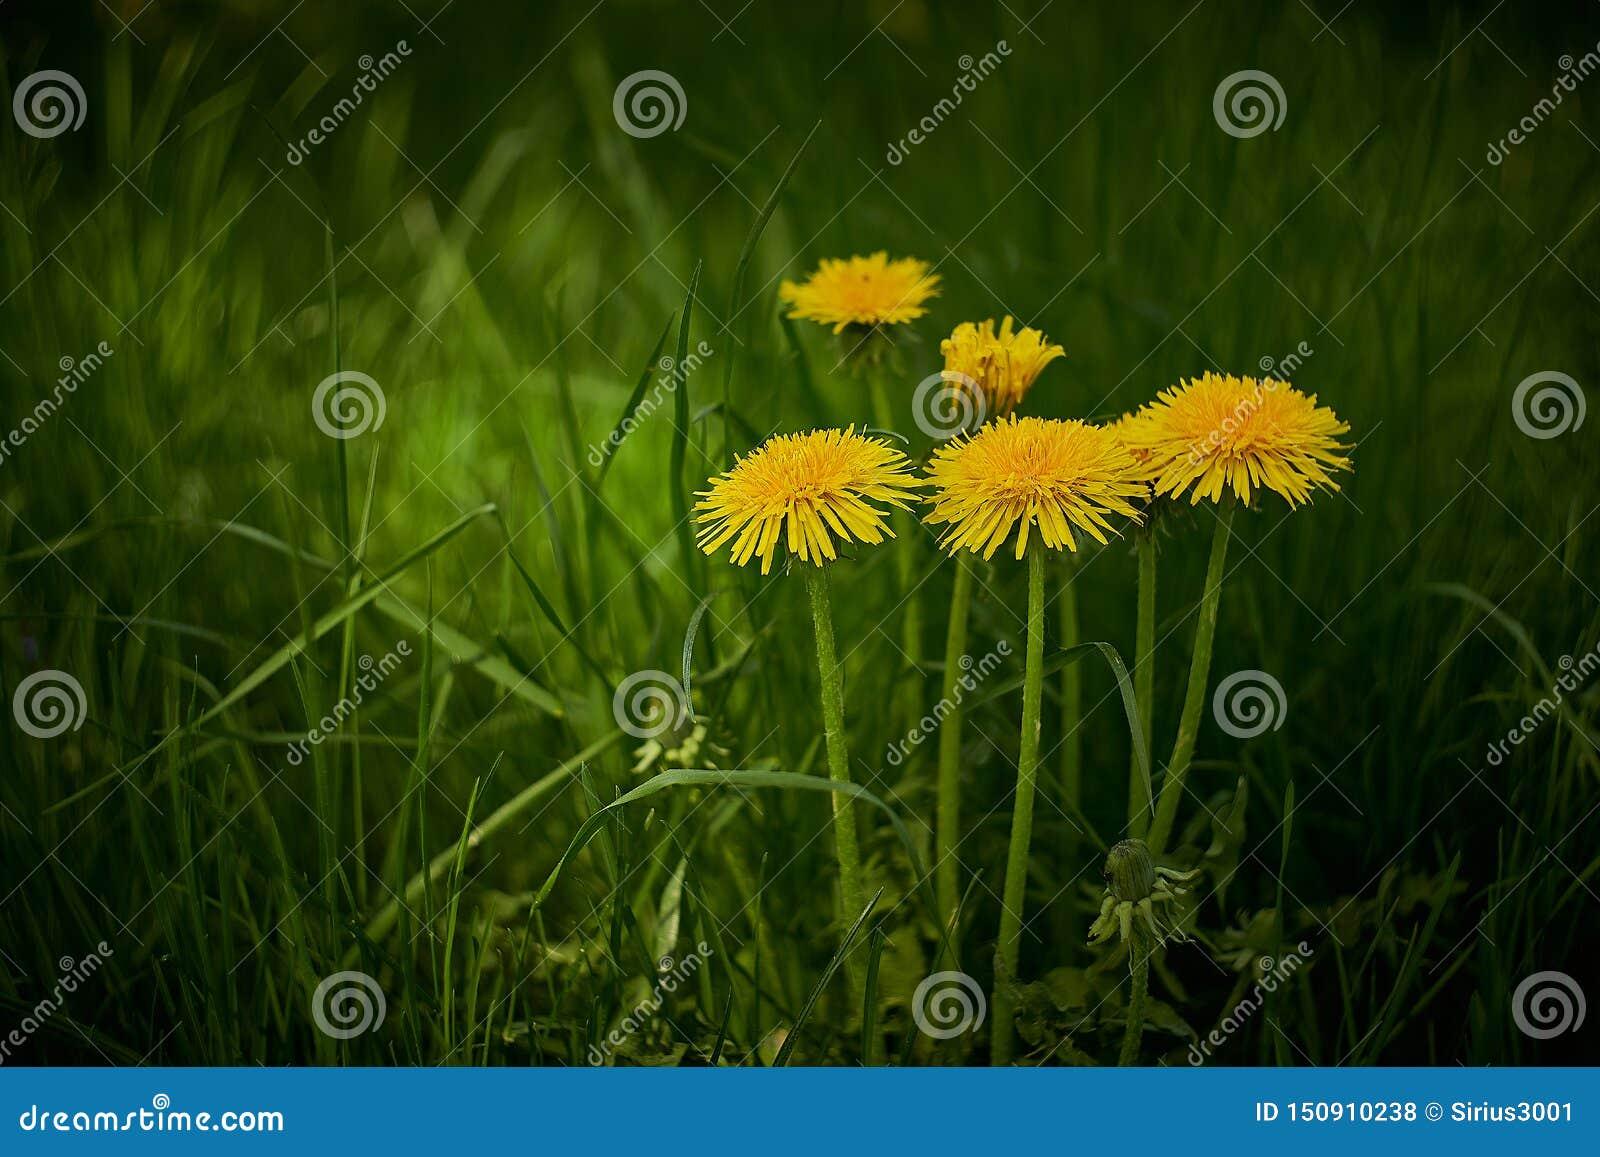 Желтые одуванчики в зеленой траве